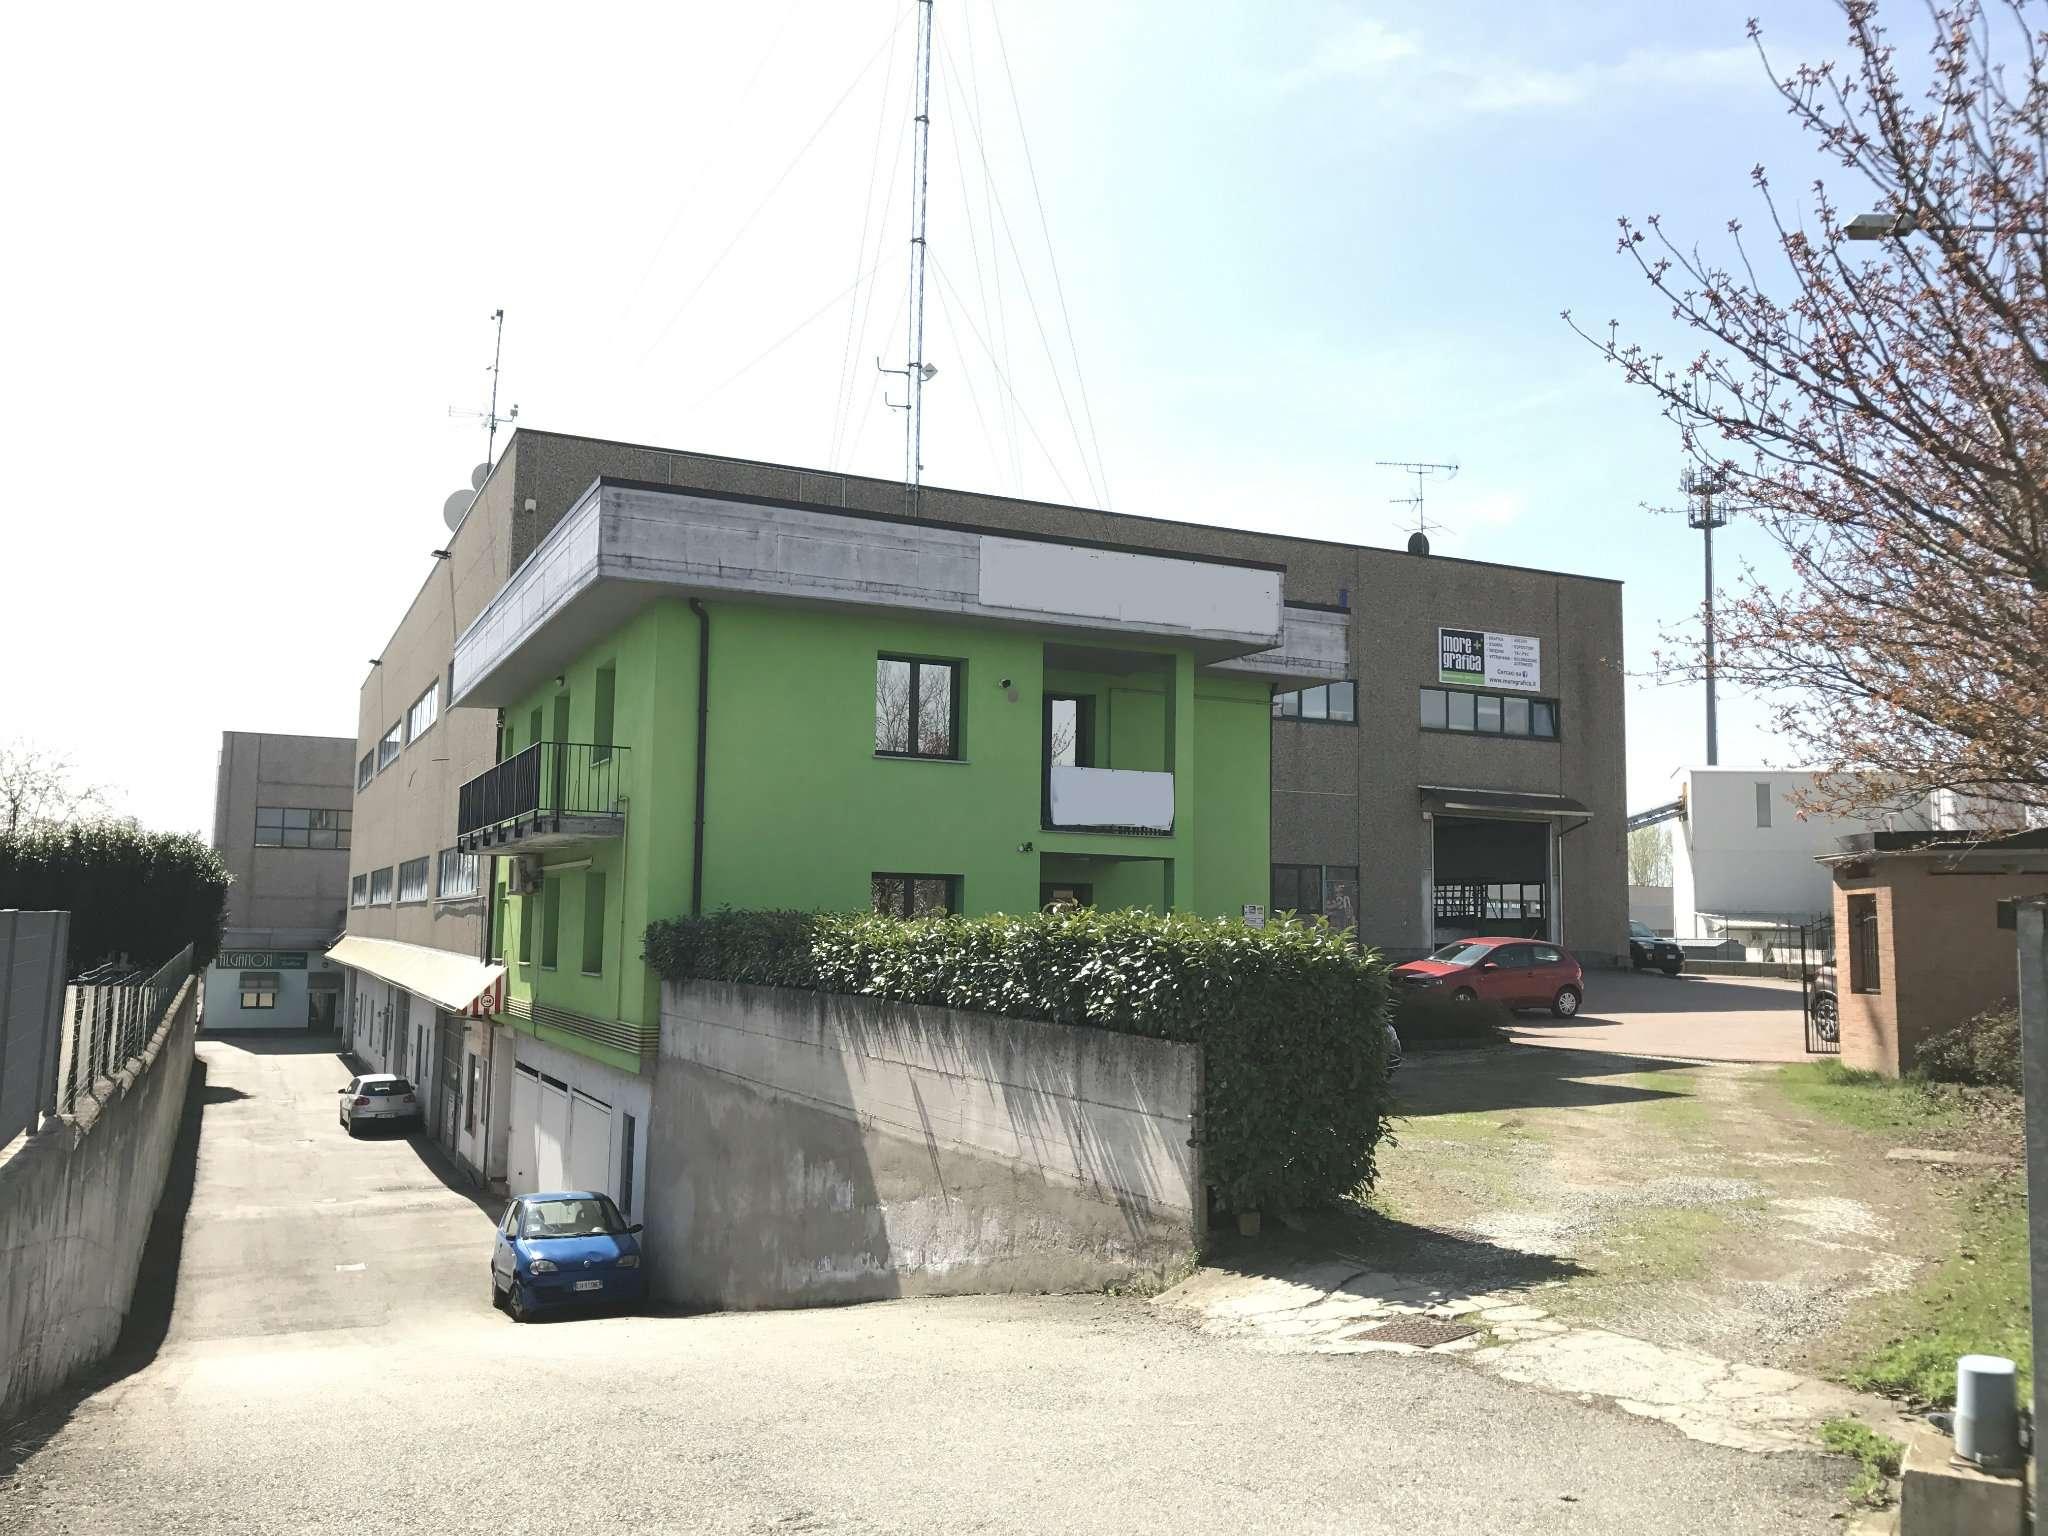 Ufficio / Studio in vendita a Fontaneto d'Agogna, 6 locali, prezzo € 270.000 | CambioCasa.it